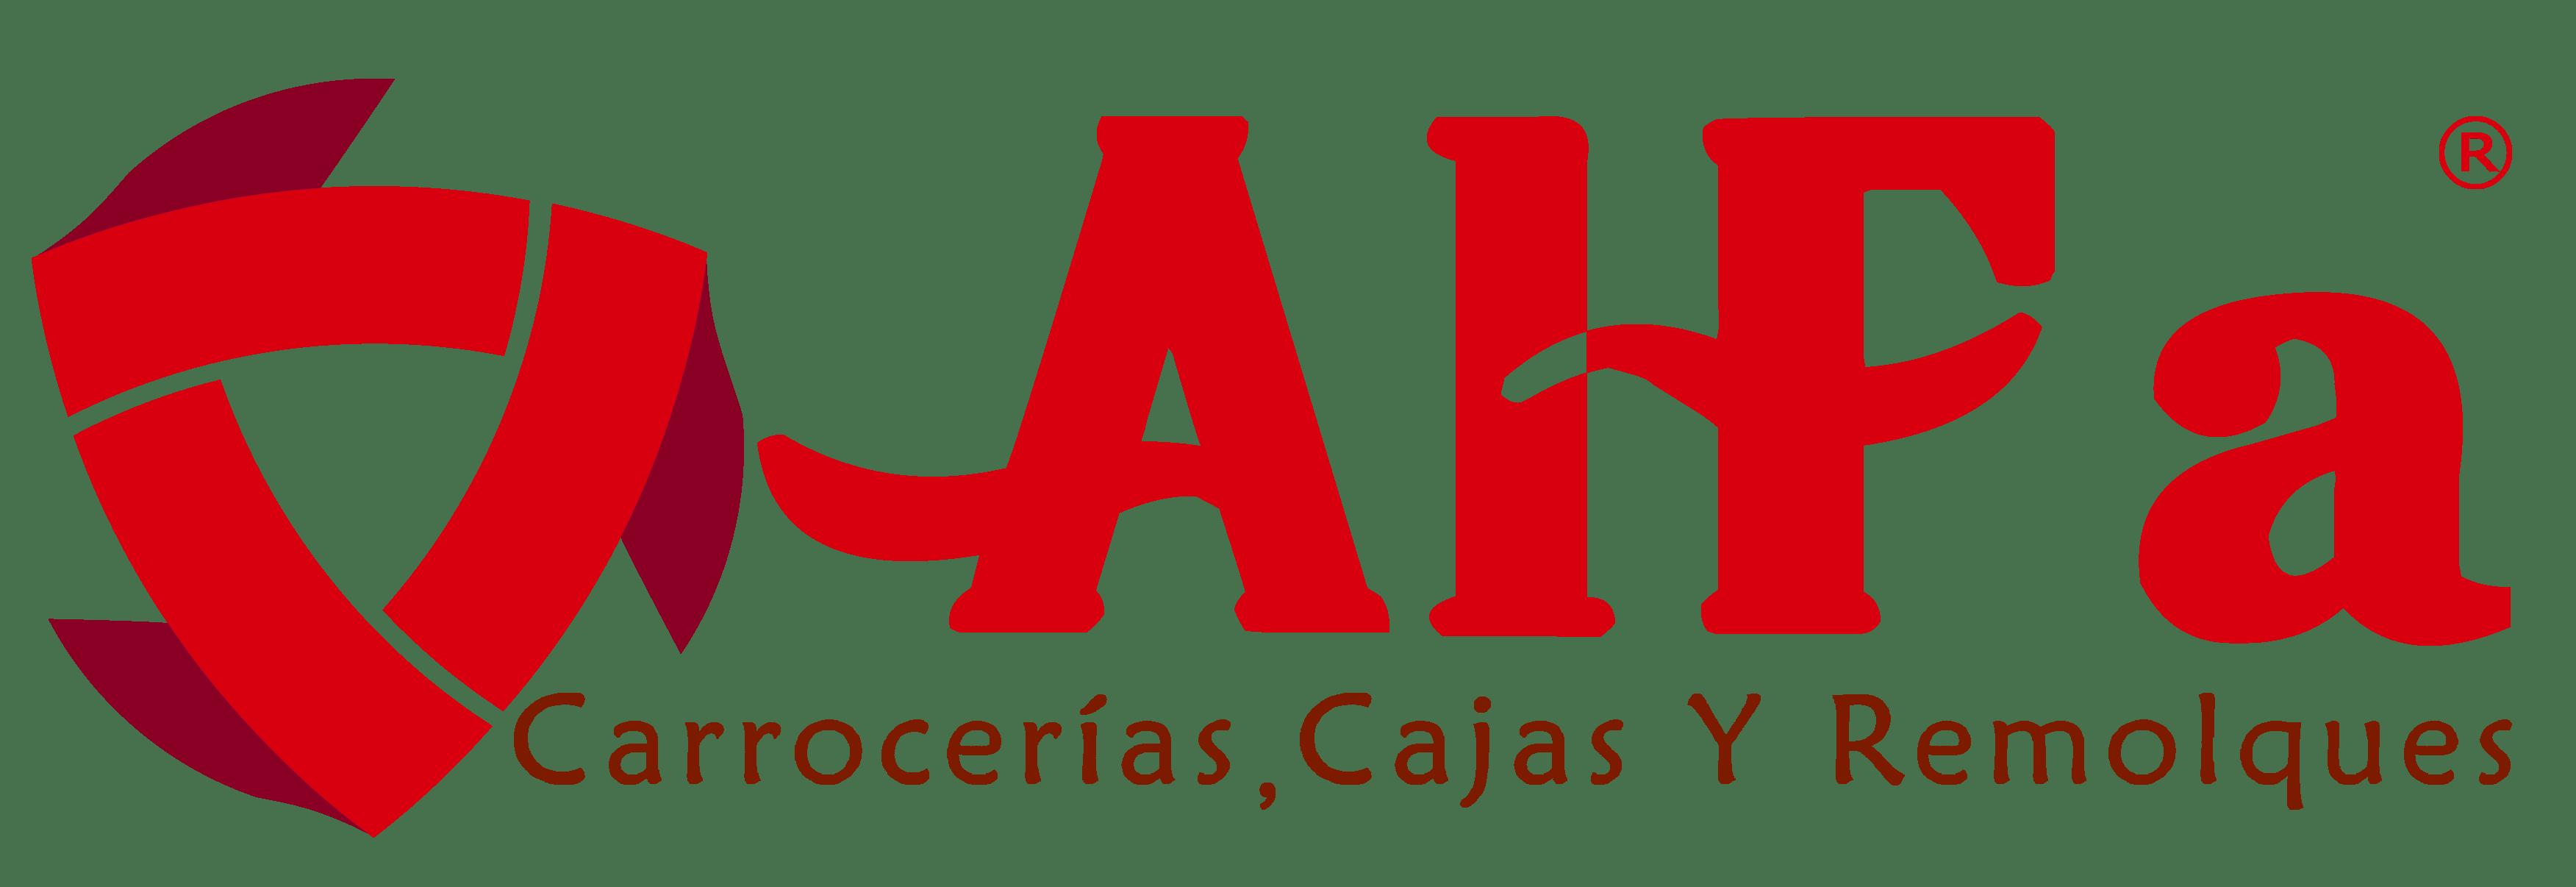 Carrocerías Alfa